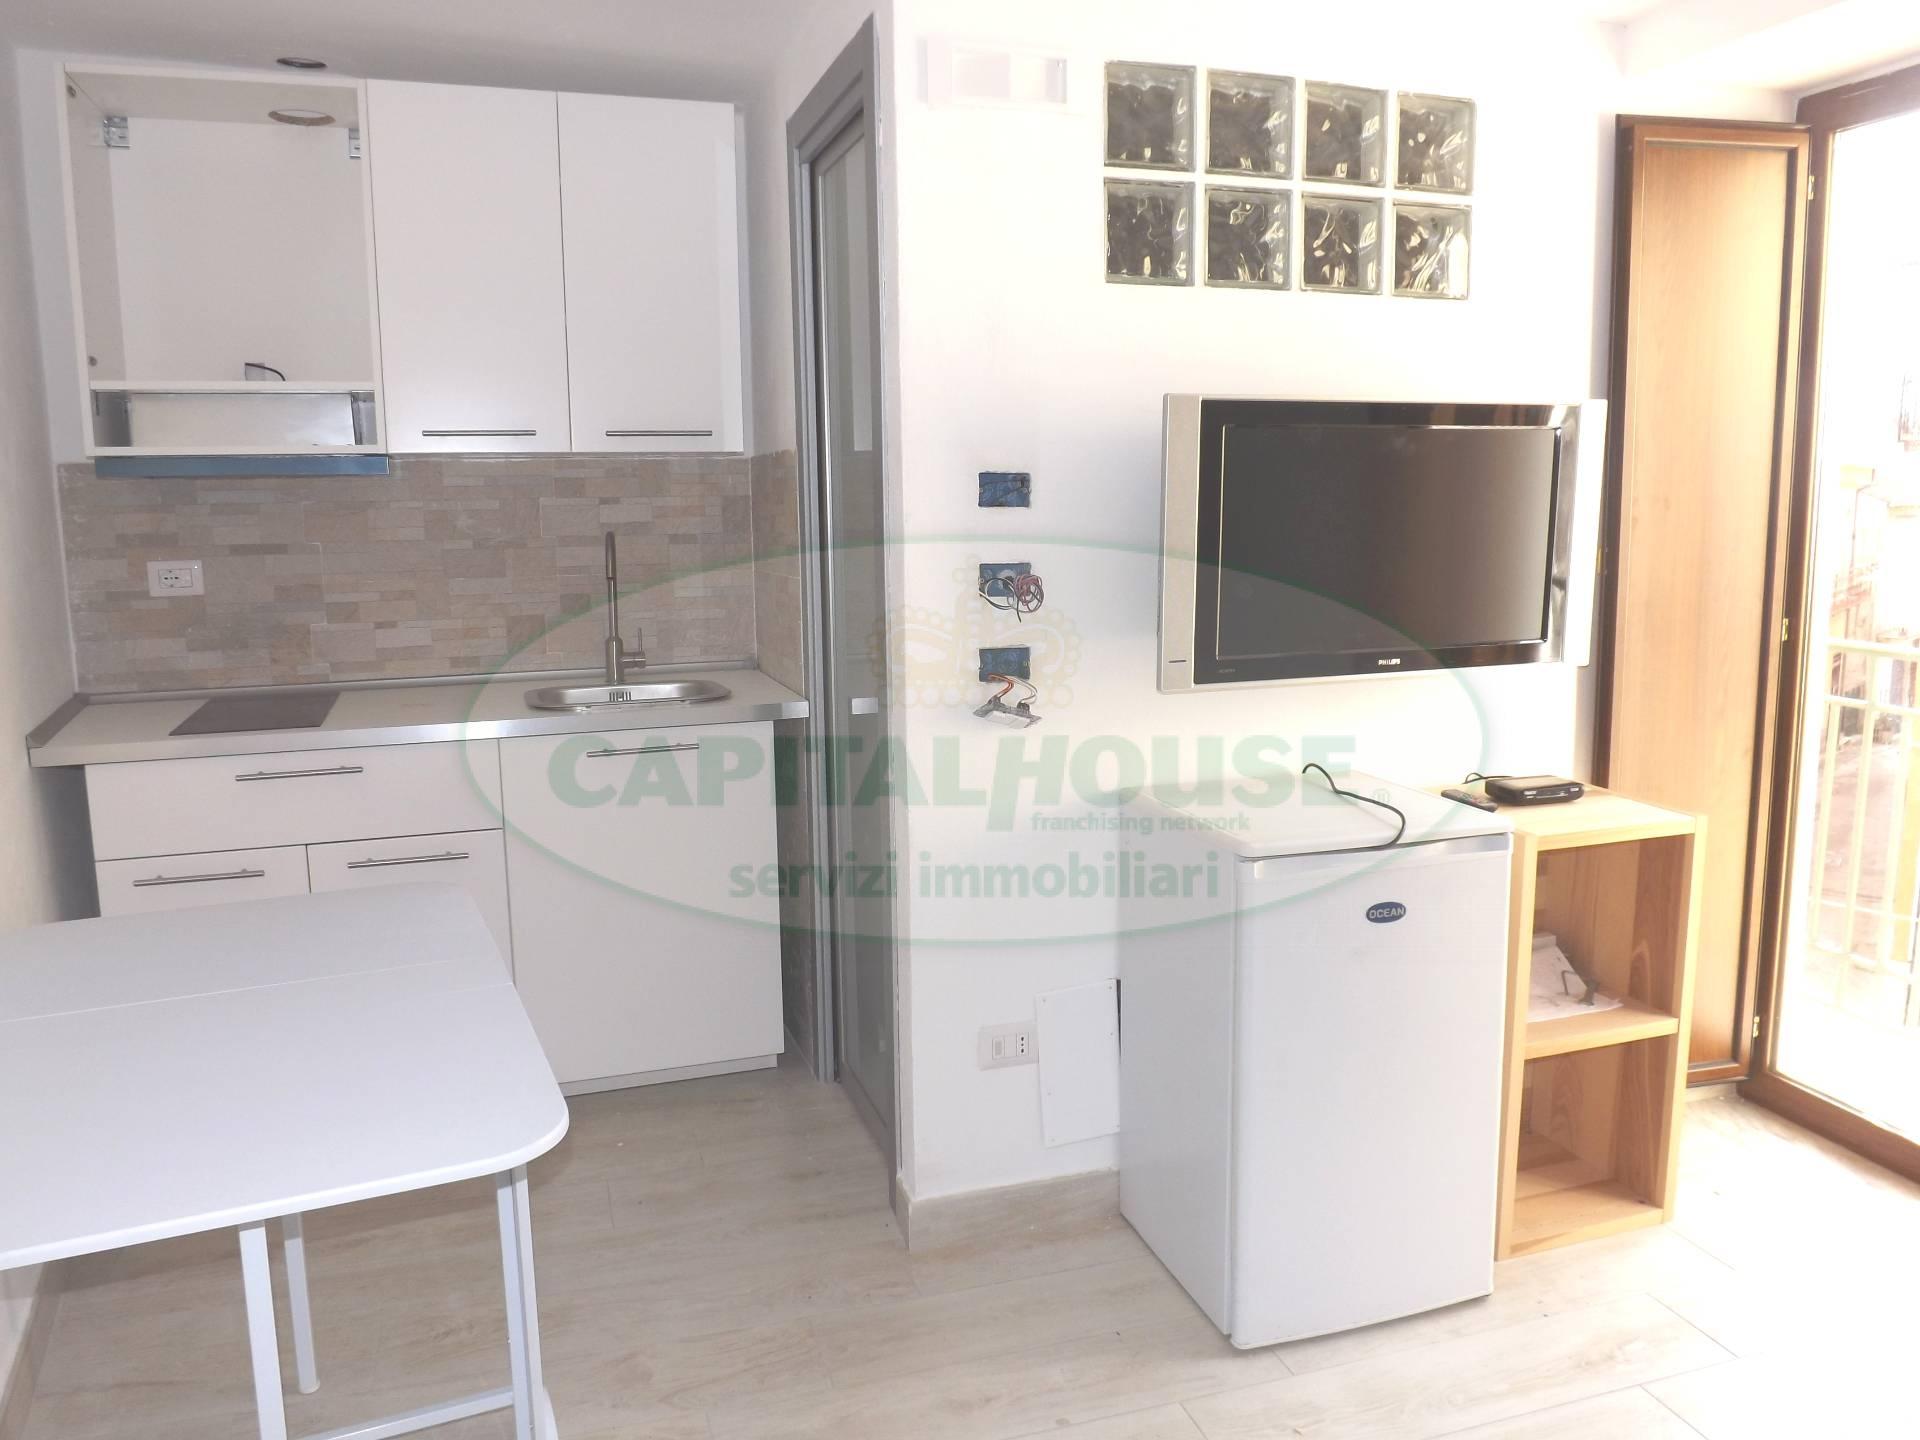 Appartamento in vendita a San Potito Ultra, 1 locali, prezzo € 18.000 | Cambio Casa.it